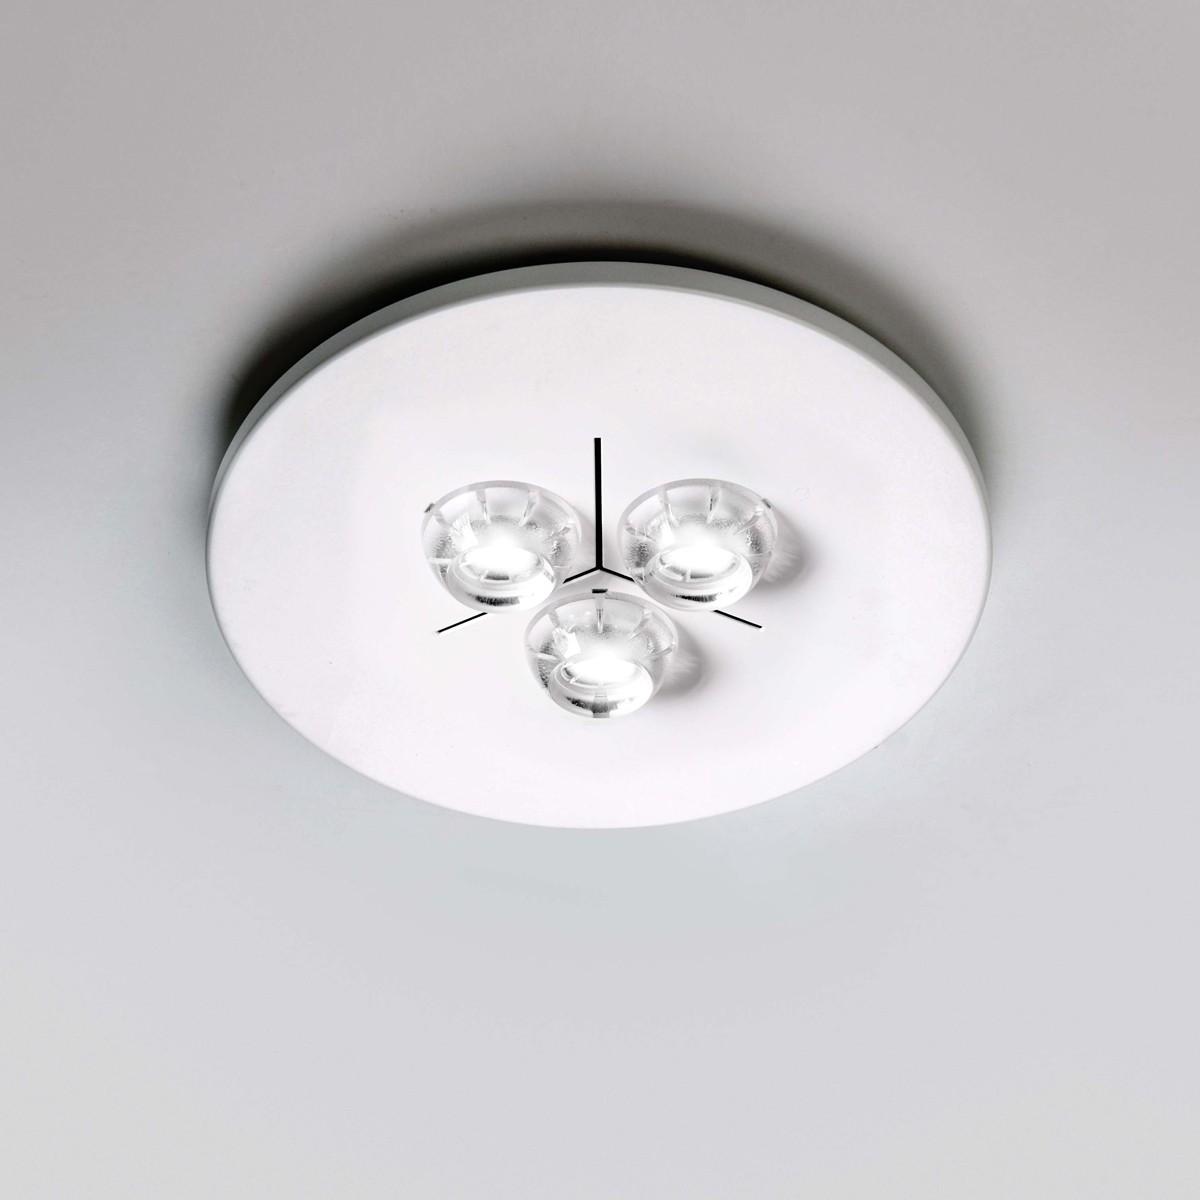 Milan Polifemo LED Deckenleuchte, Ø: 22,5 cm, weiß lackiert